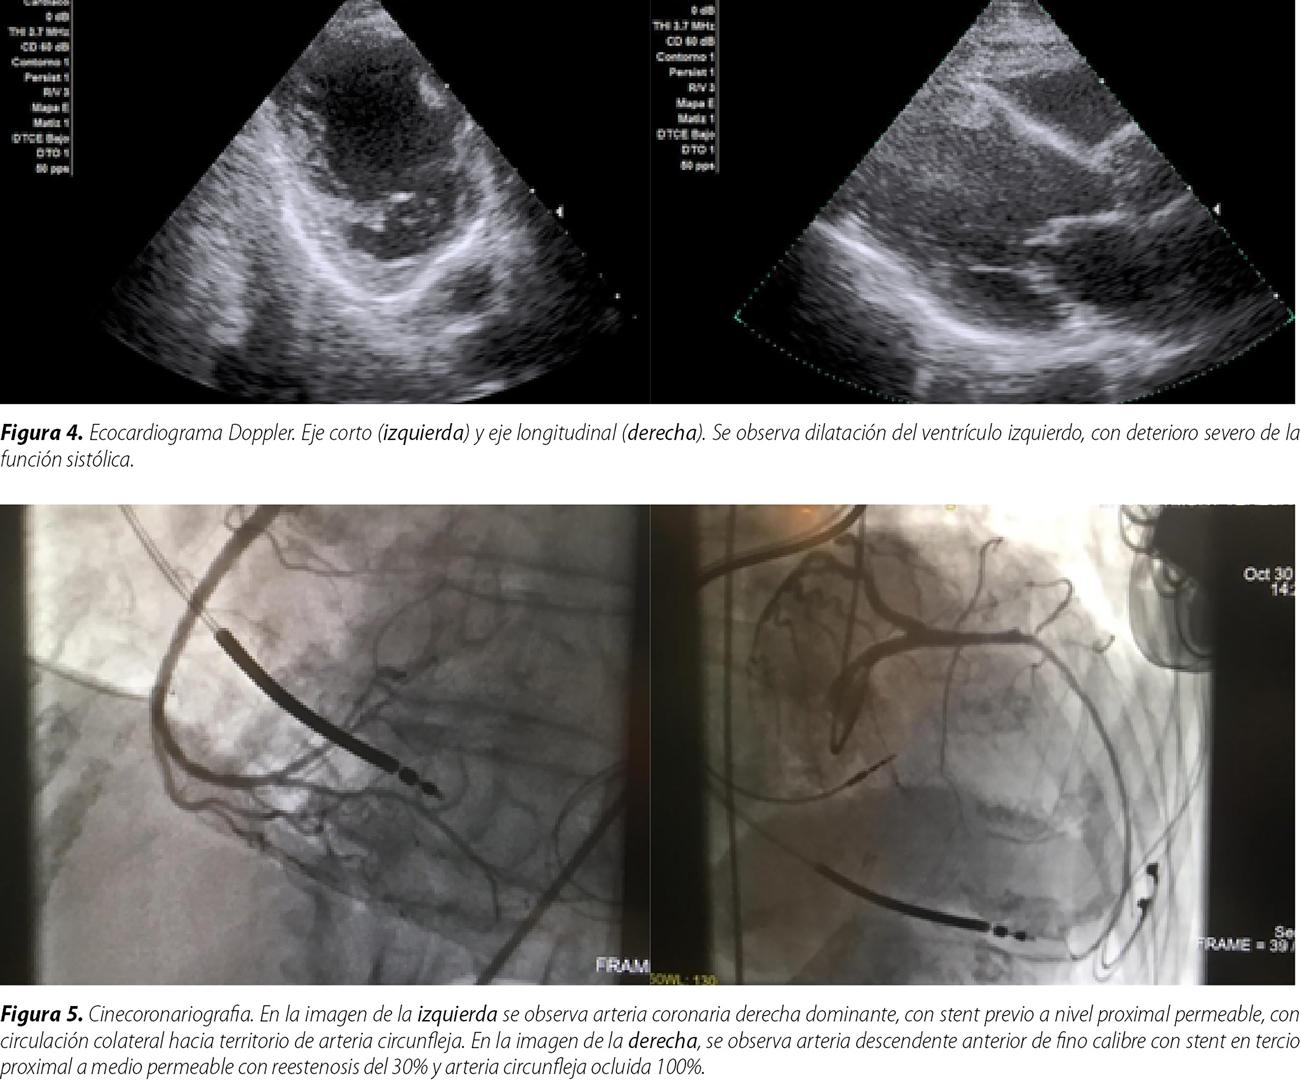 Ciclos ambulatorios y repetitivos de levosimendán en insuficiencia cardíaca avanzada. Revisión y presentación de casos clínicos